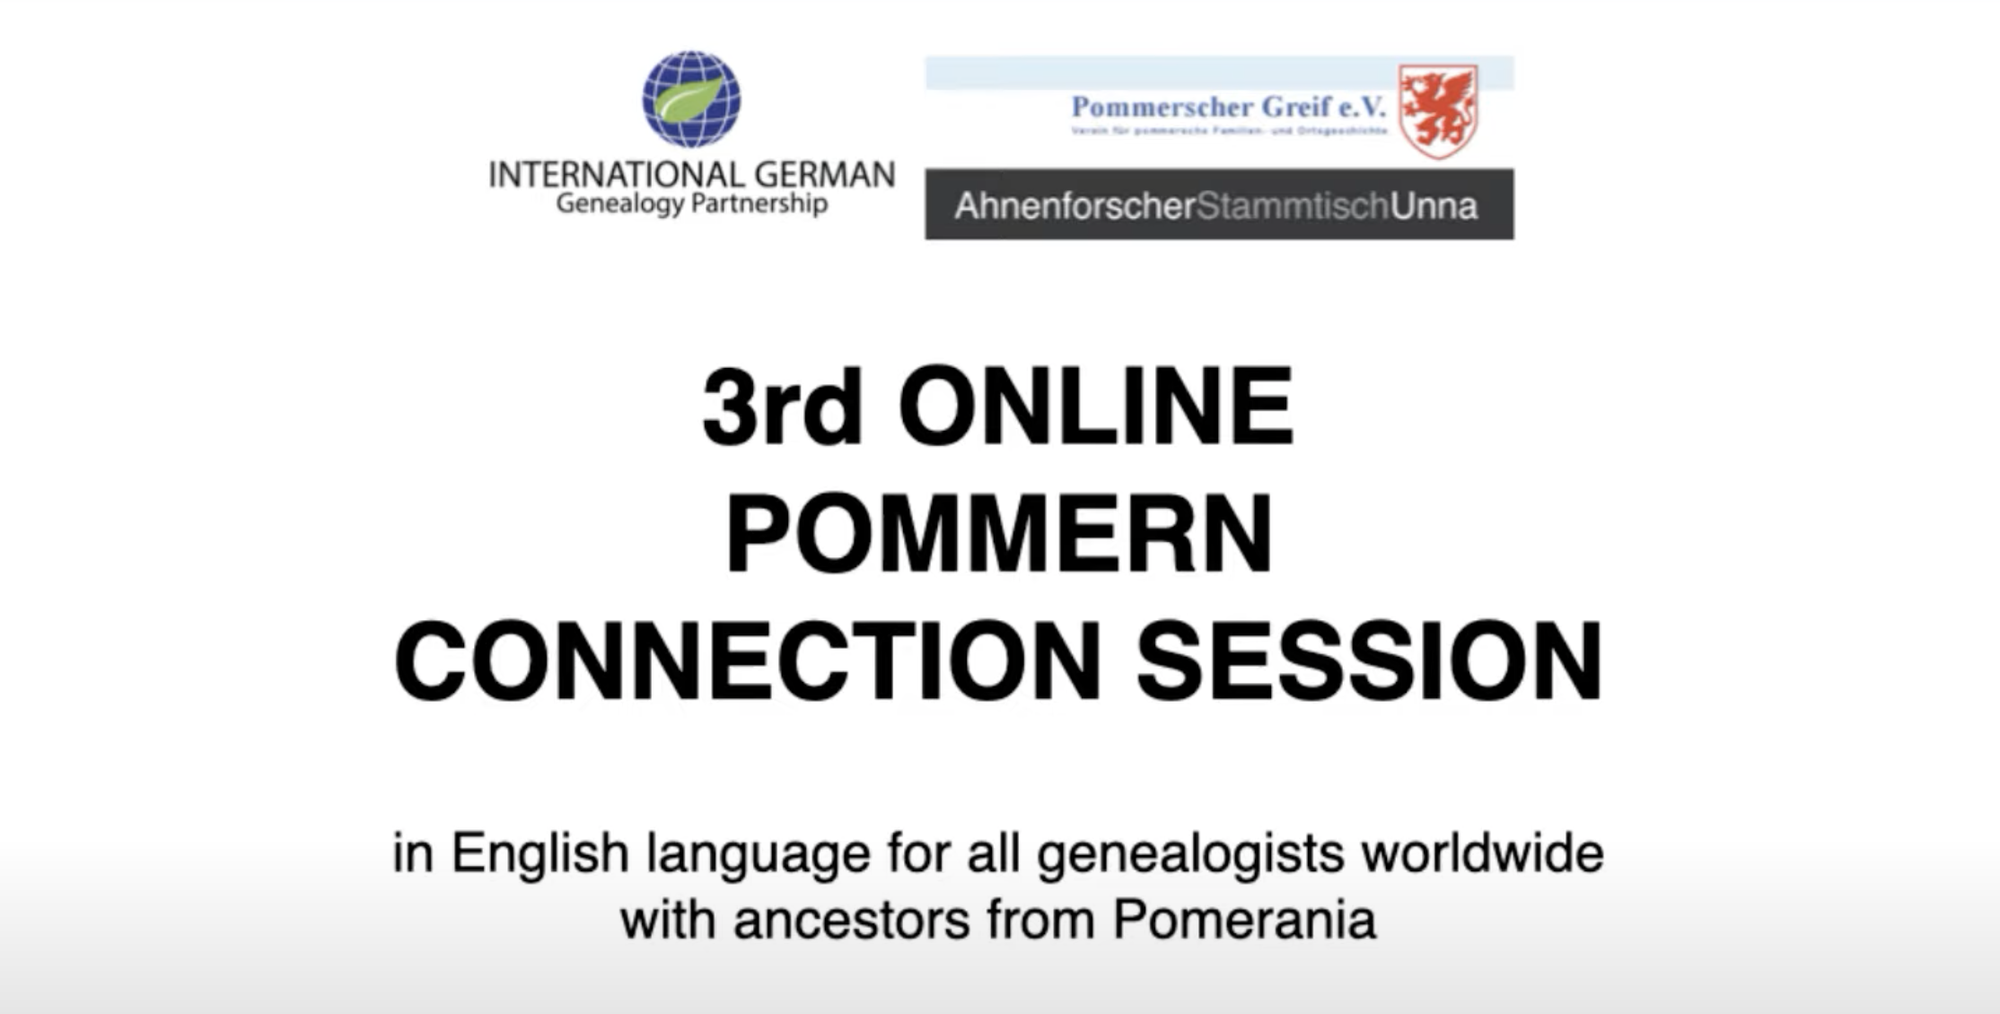 Europa, USA, Kanada, Australien - Ahnenforscher mit Vorfahren aus Pommern trafen sich beim Ahnenforscher Stammtisch Unna